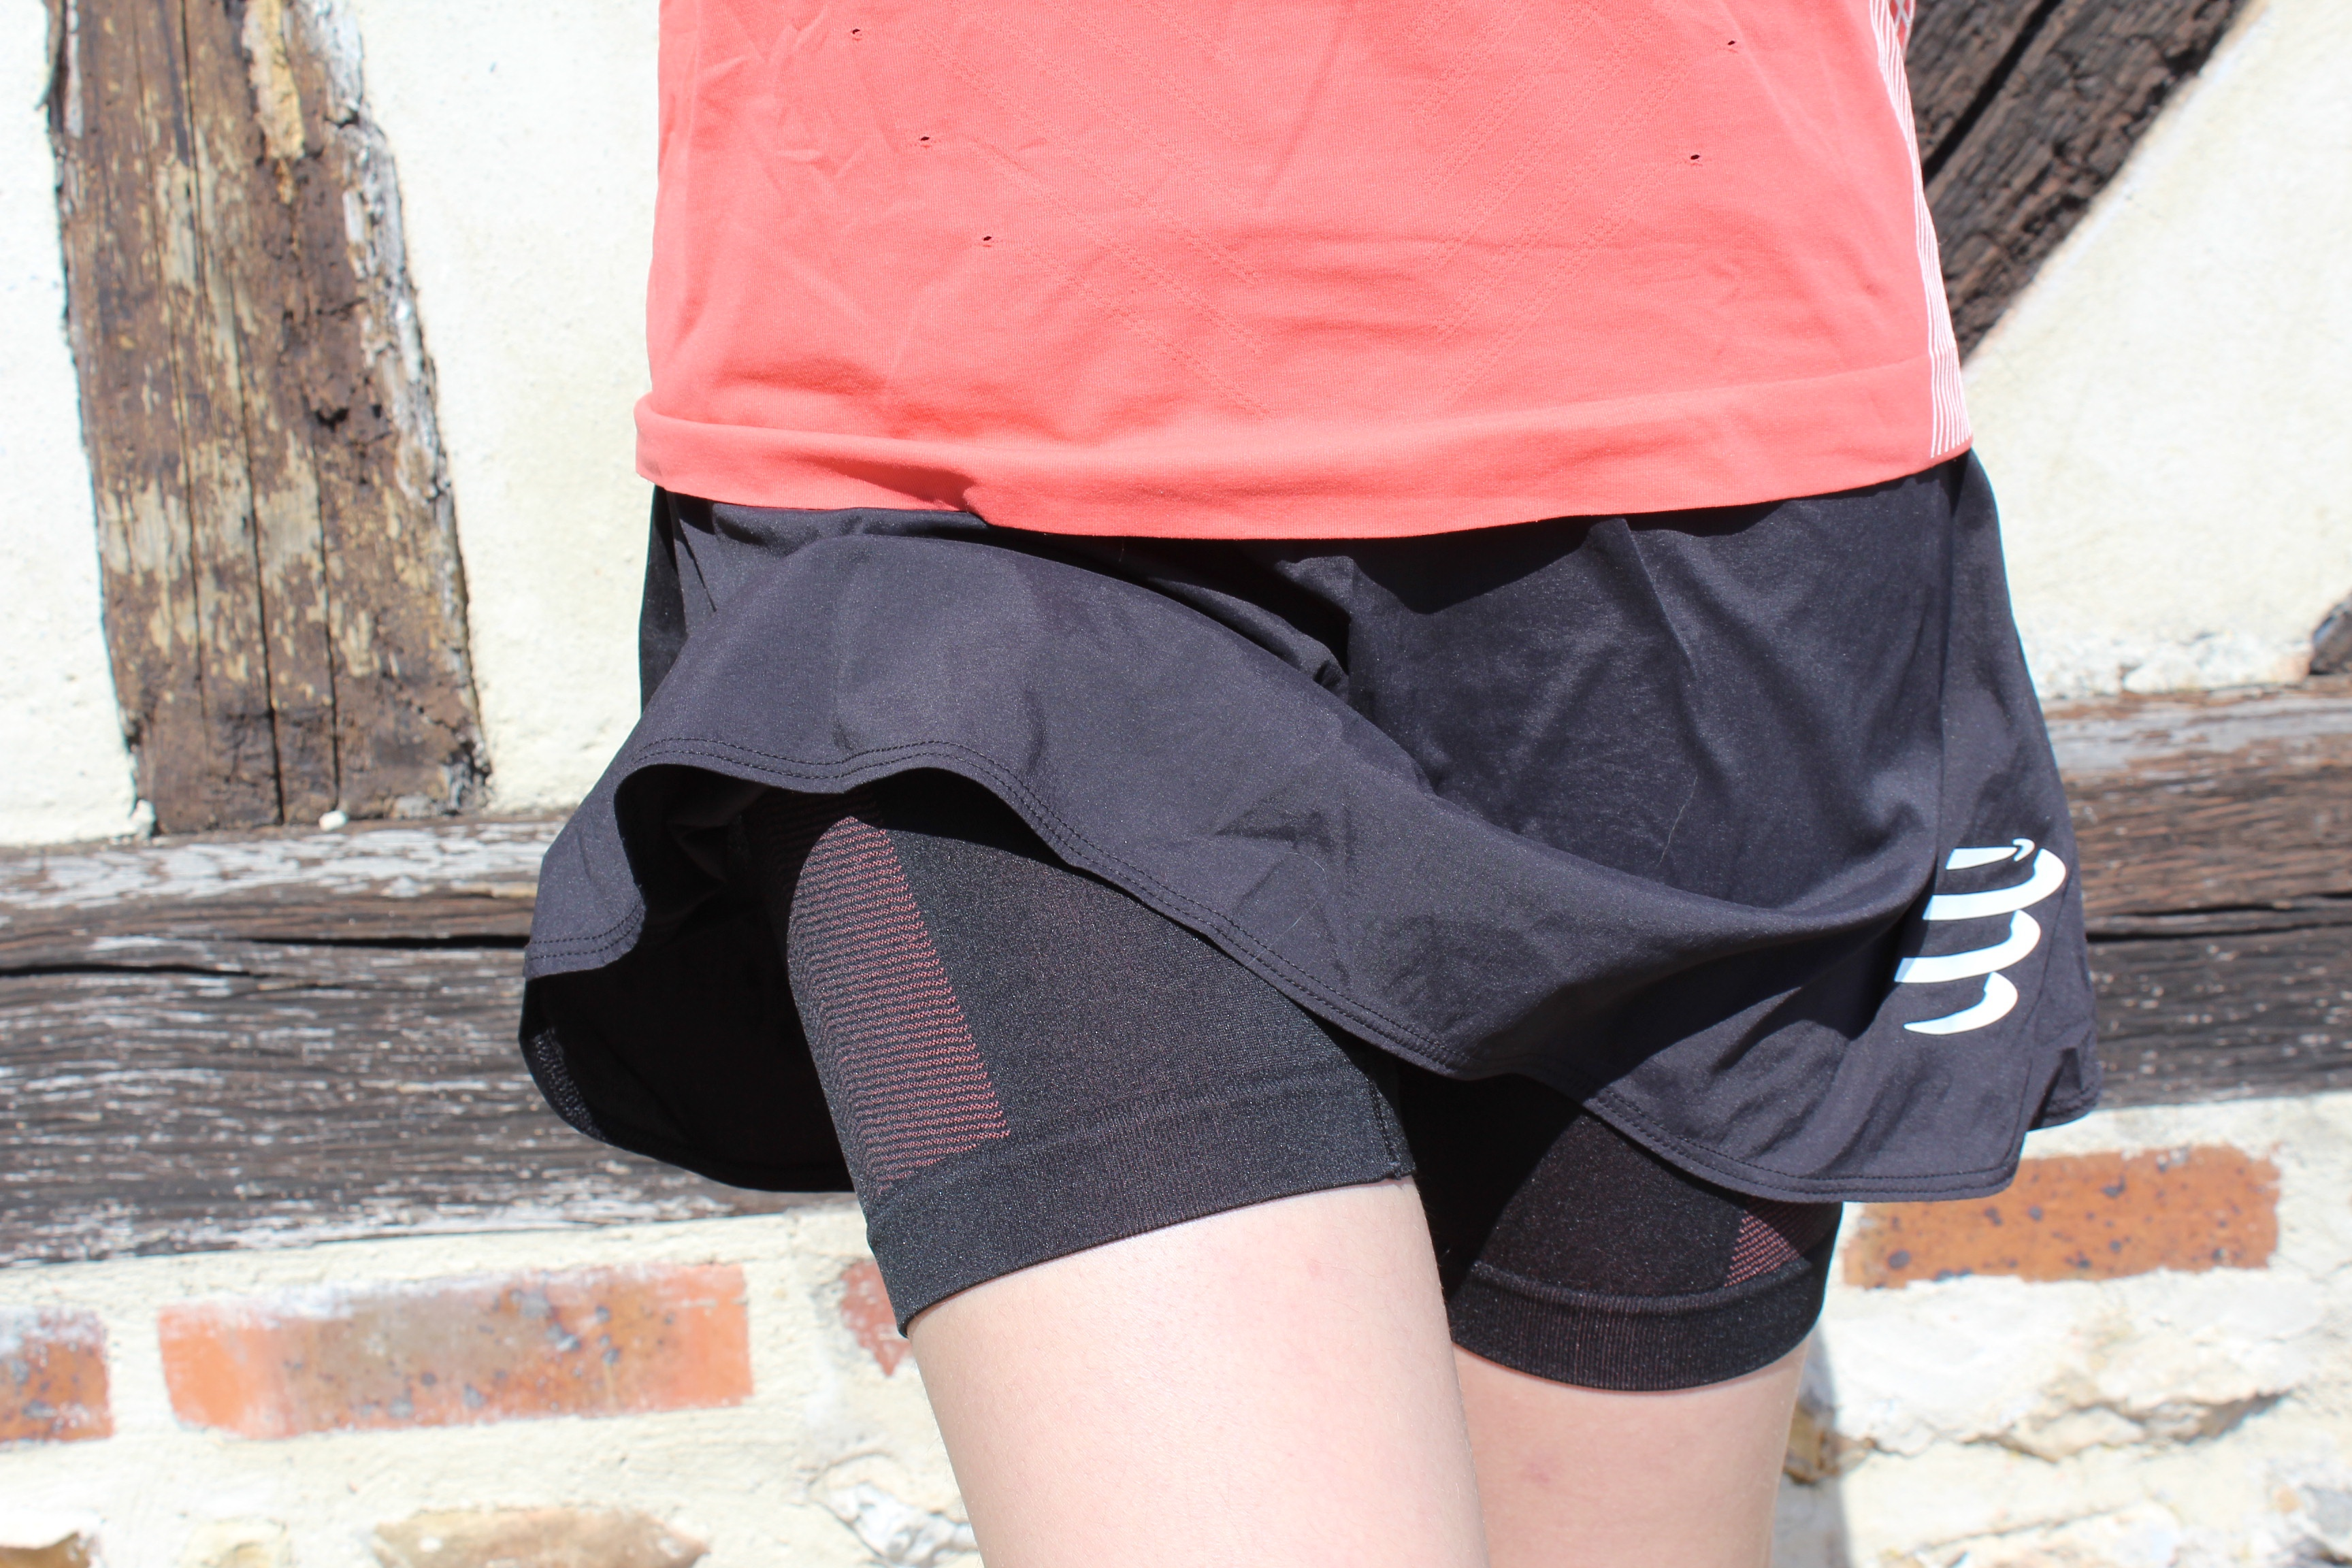 Skirt performance test Compressport Running femme